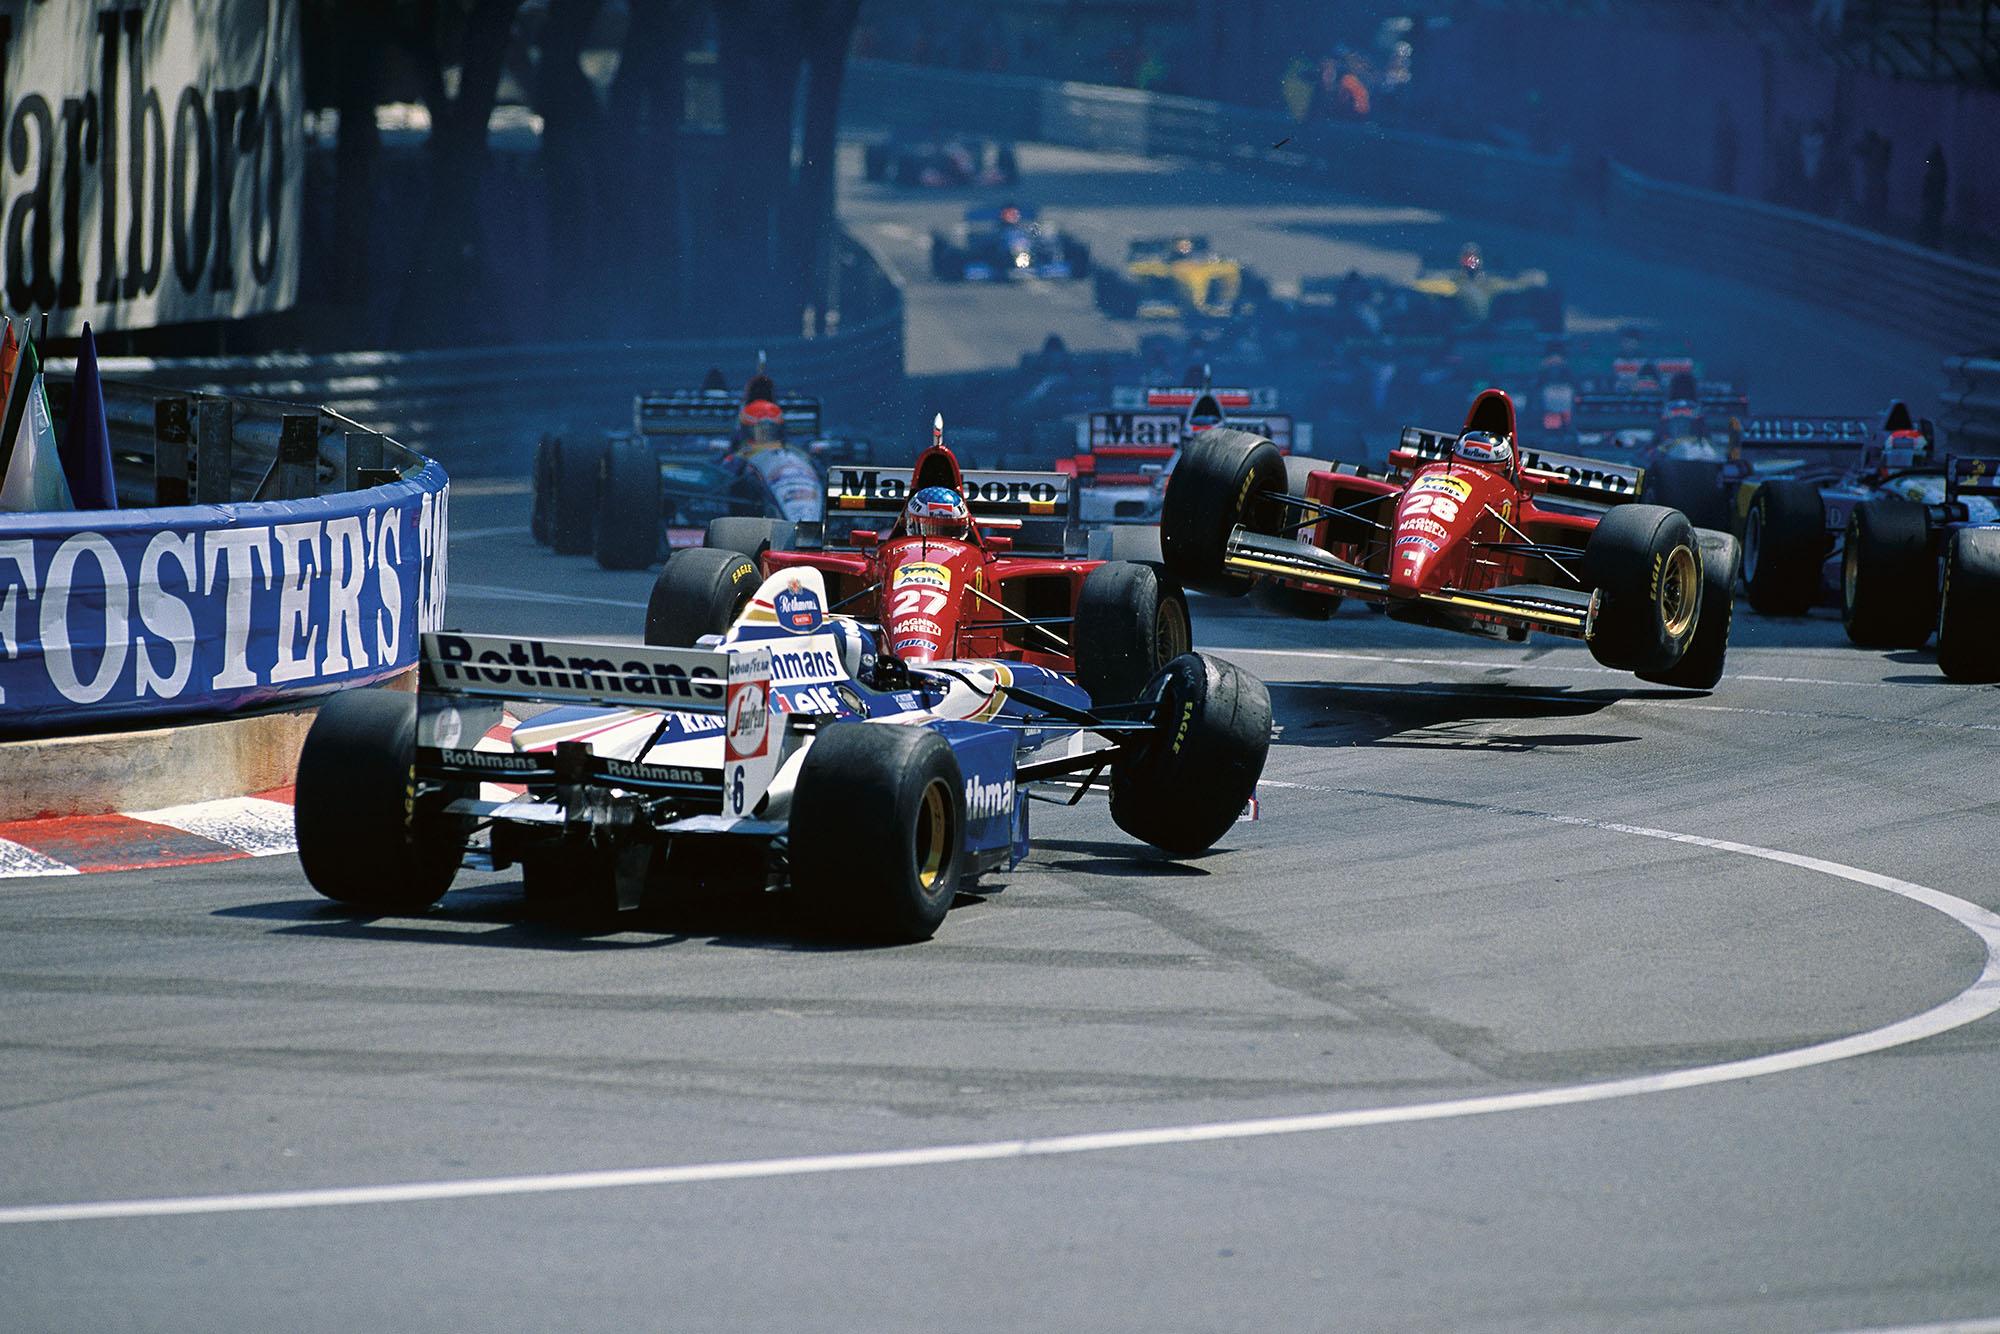 Monaco F1 start crash 1995